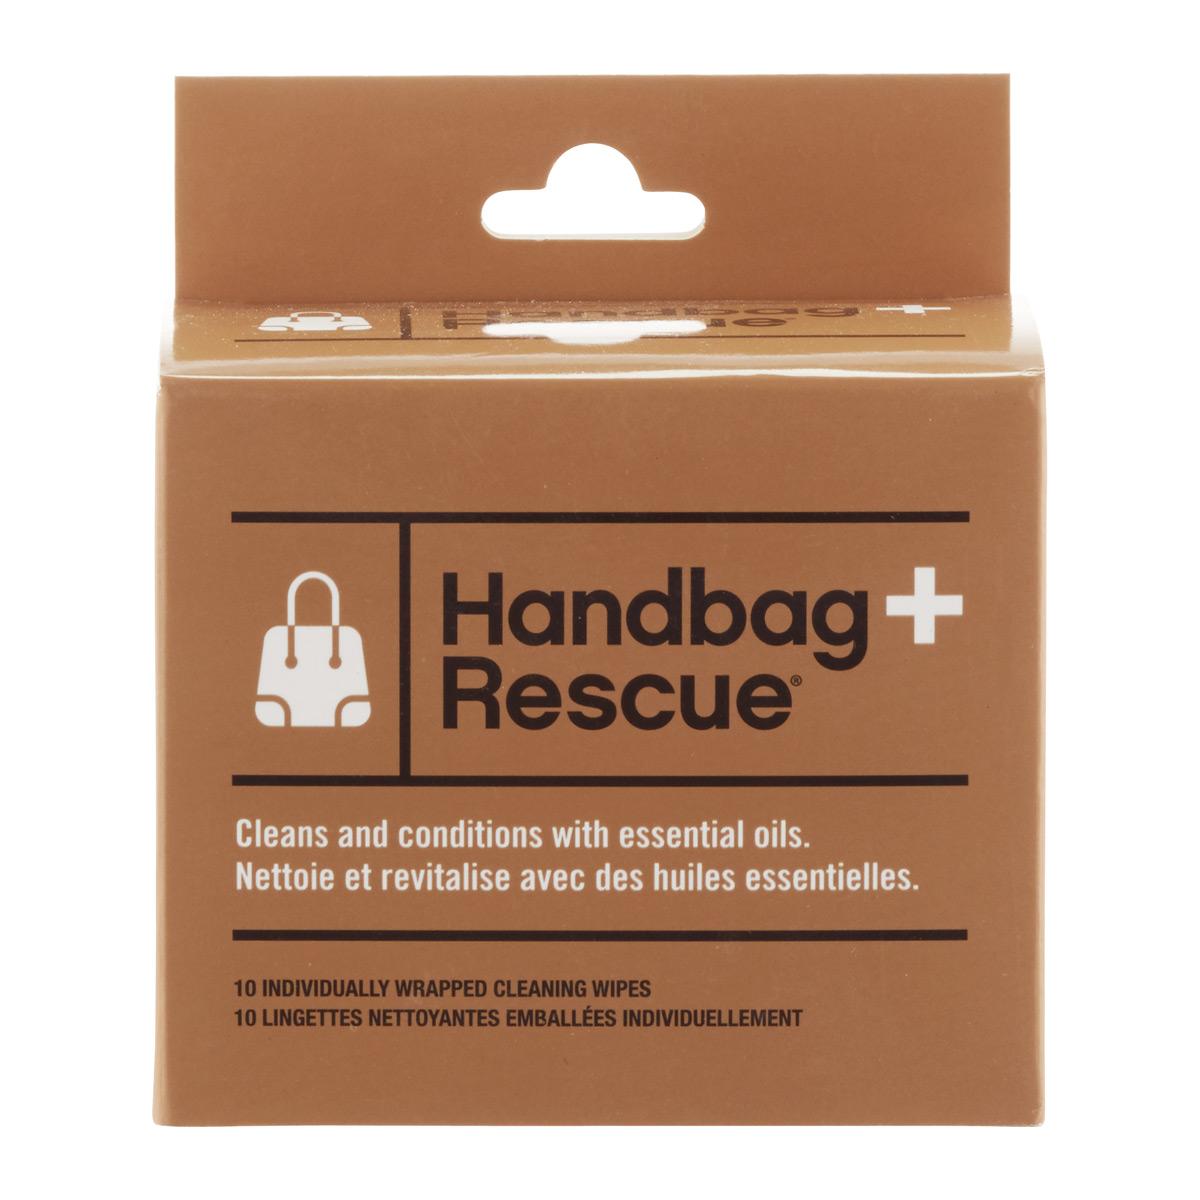 Handbag Rescue